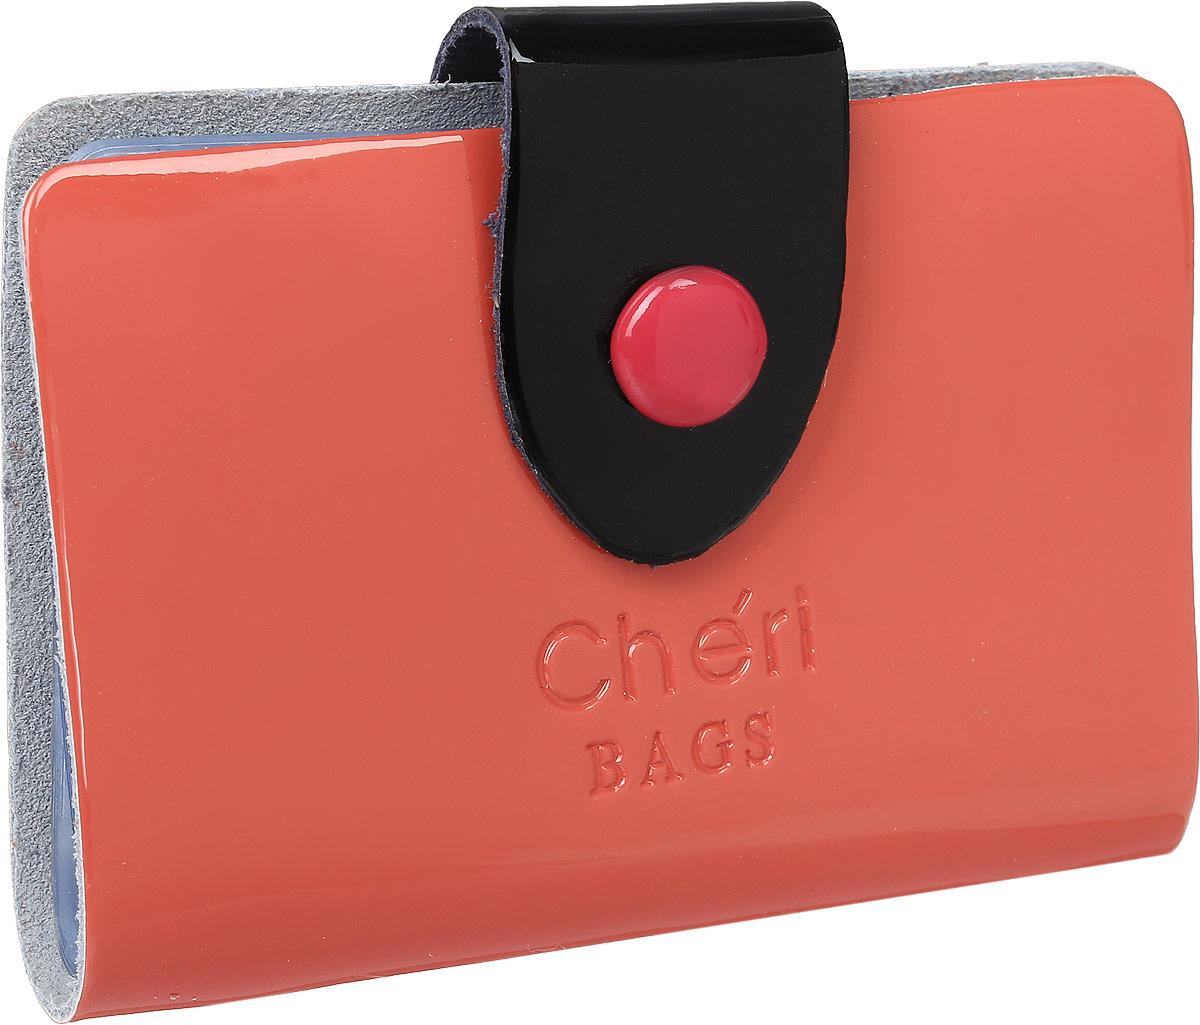 Визитница женская Cheribags, цвет: коралловый. V-0499-32V-0499-32Визитница Cheribags выполнена из натуральной лаковой кожи и оформлена тисненой надписью с названием бренда. Изделие закрывается хлястиком на кнопку. Внутри расположено 26 файлов для визиток и карт.